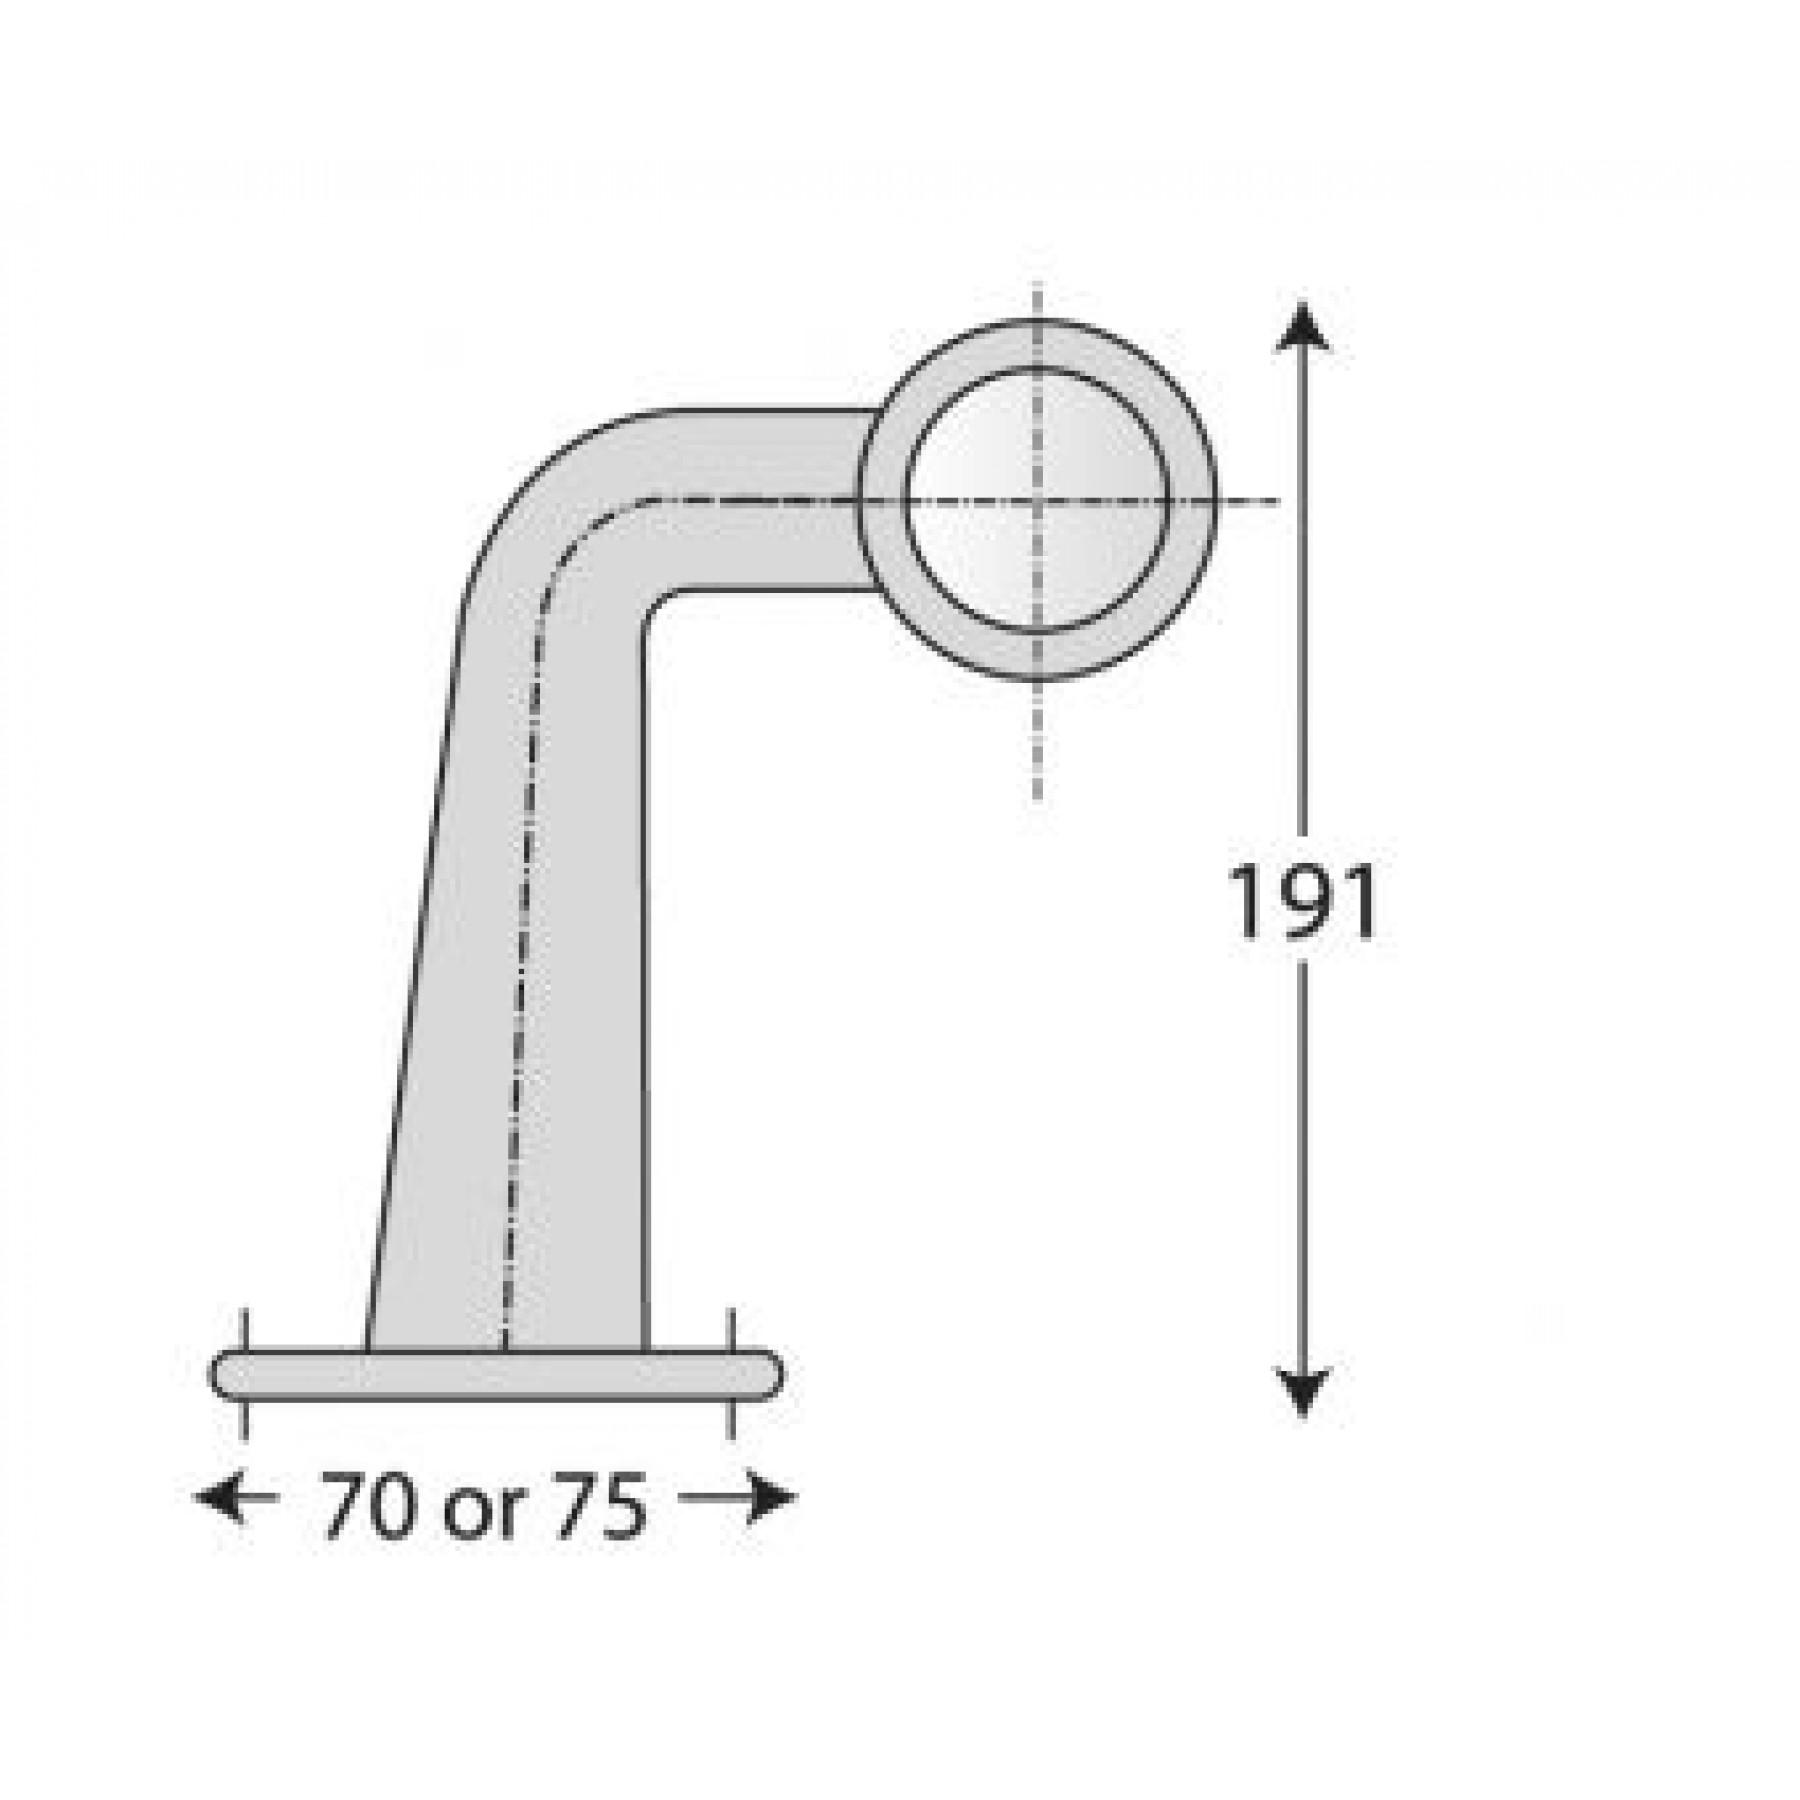 Markerings-breedtelamp LED Rubber zijkant lang haaks